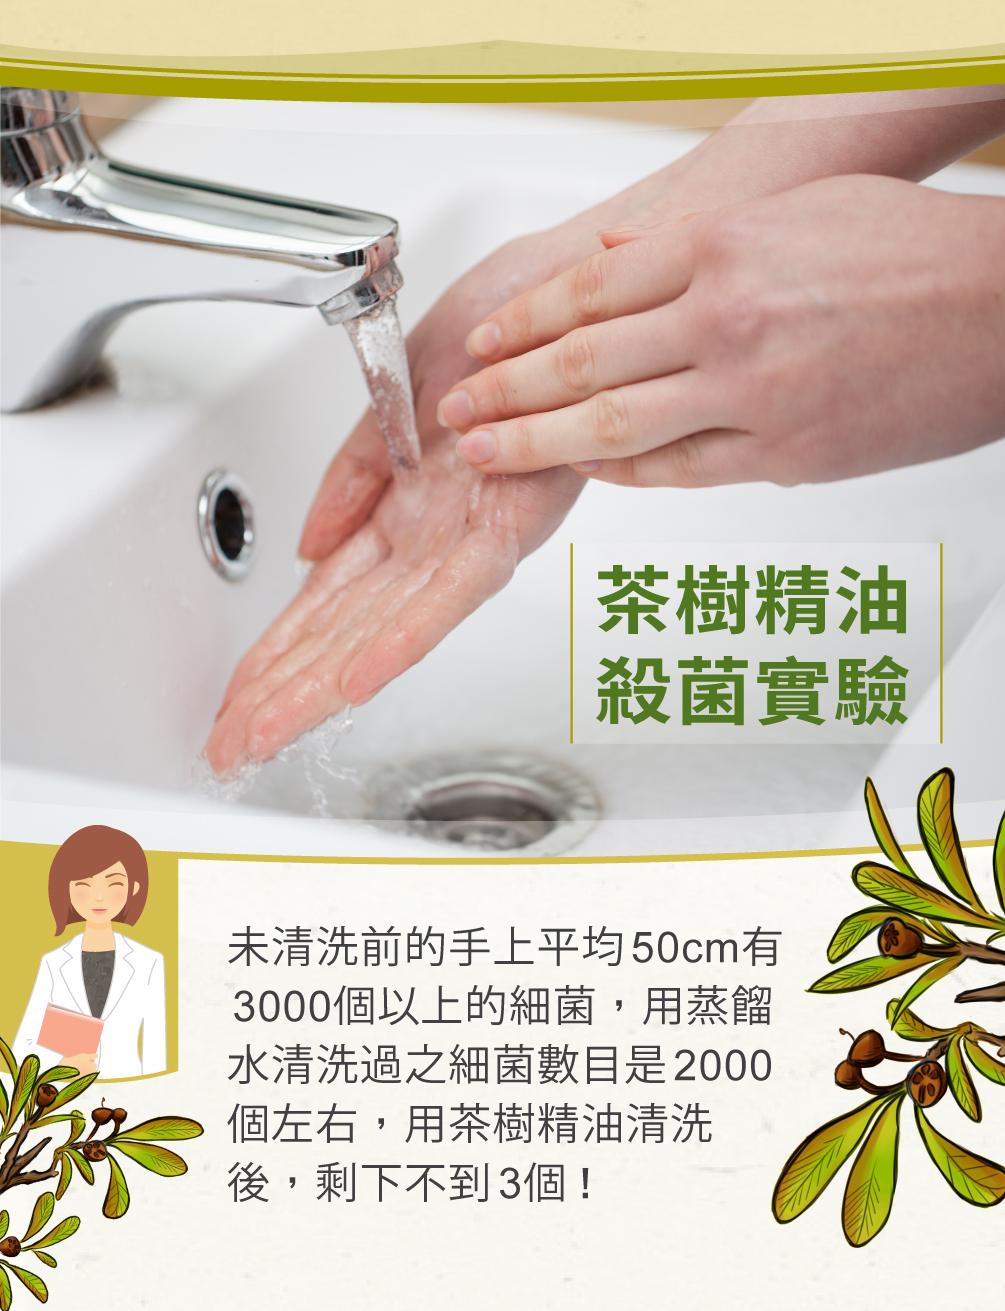 茶樹精油使用的禁忌